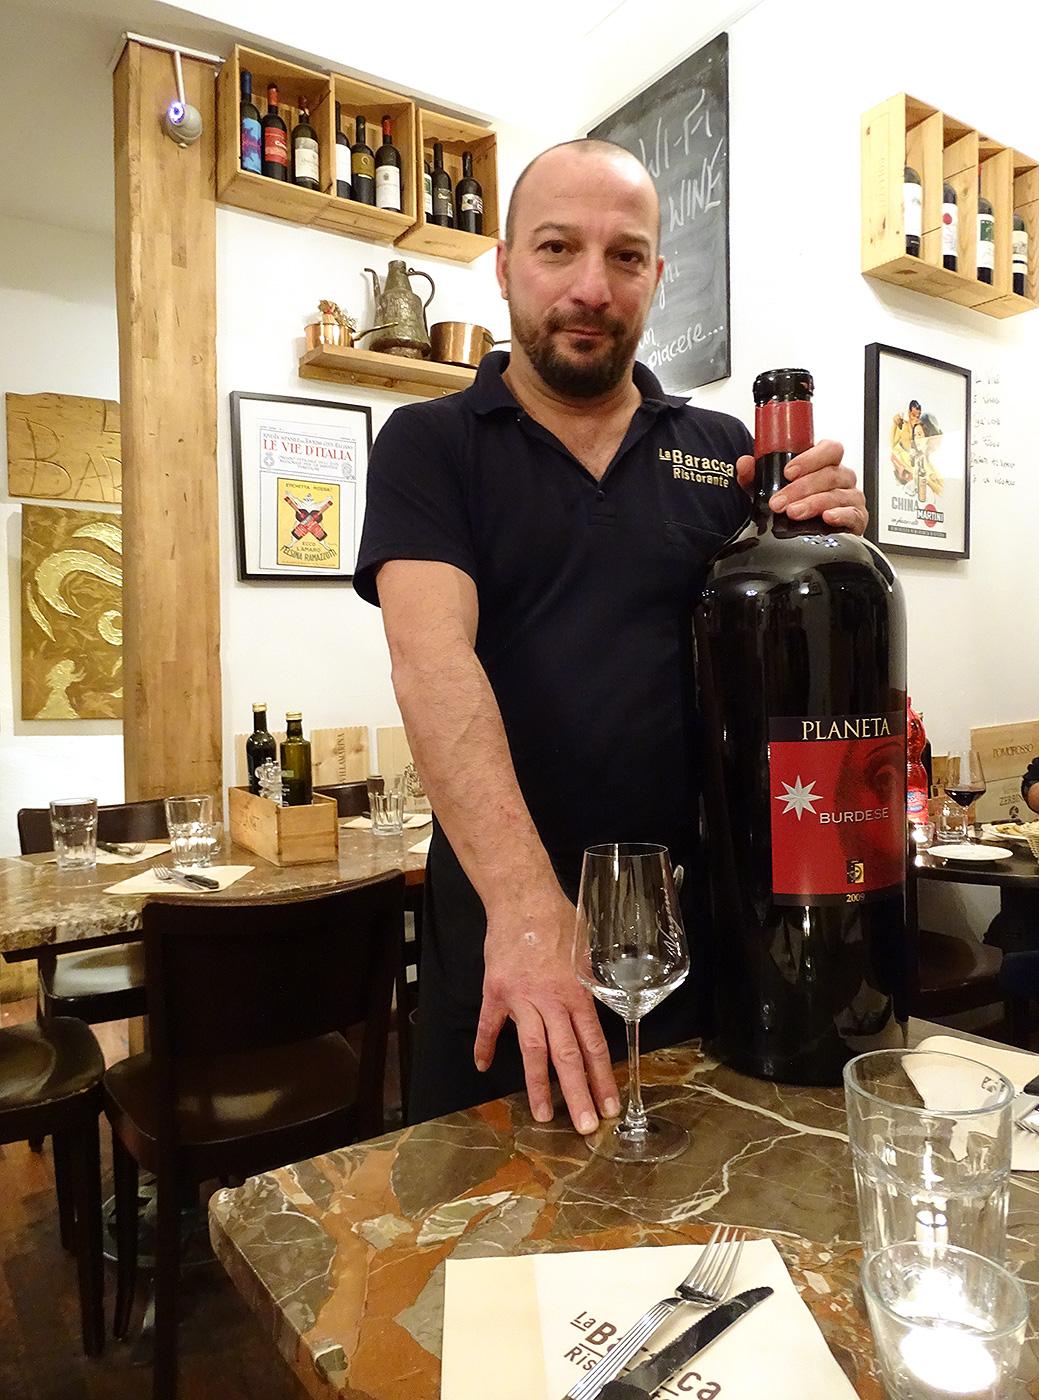 La Baracca - 12 Liter Wein